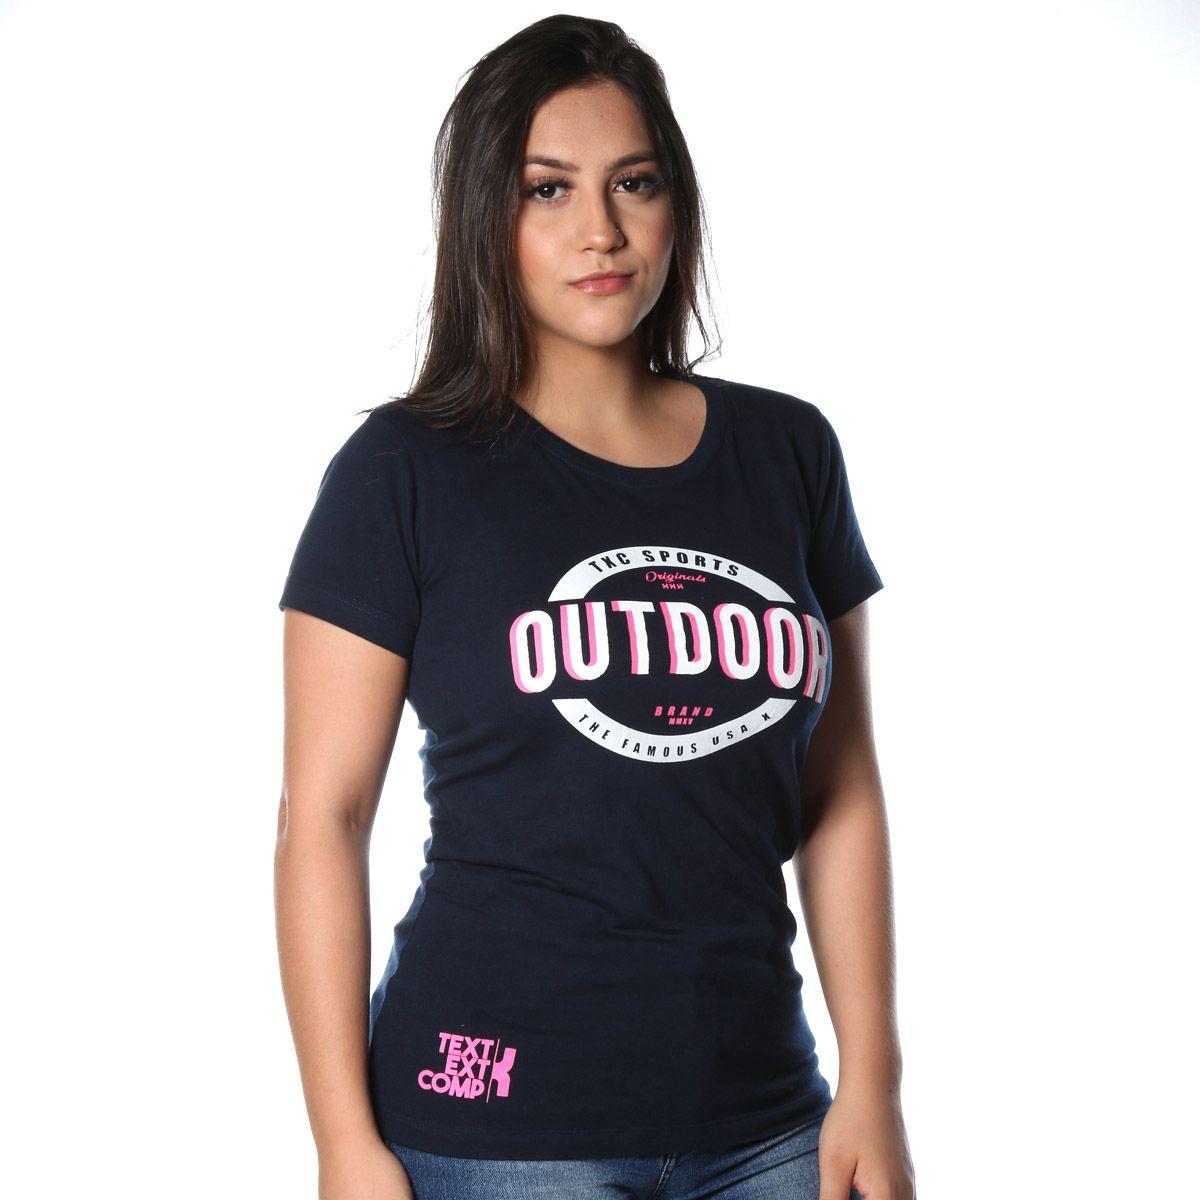 Camiseta Feminina TXC 4498